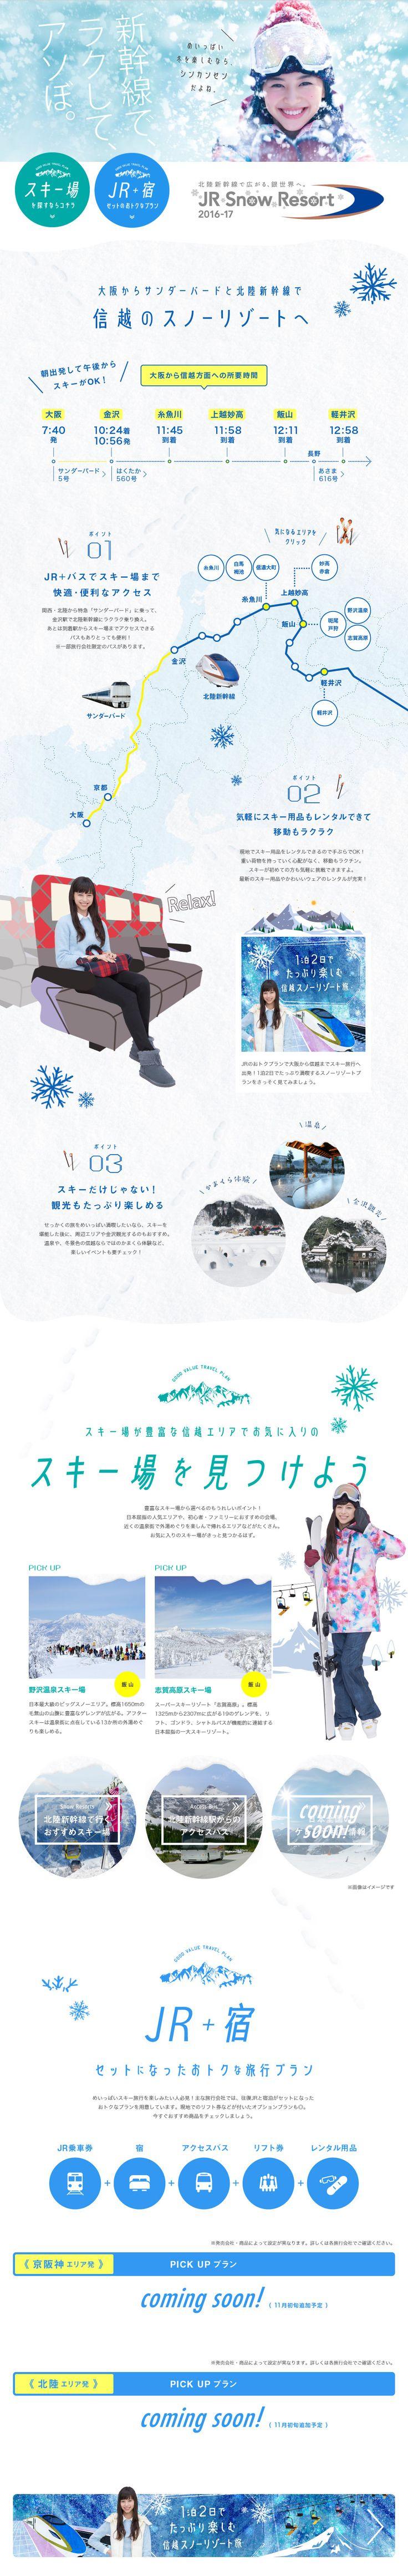 JR Snow Resort【アウトドア関連】のLPデザイン。WEBデザイナーさん必見!ランディングページのデザイン参考に(キレイ系)